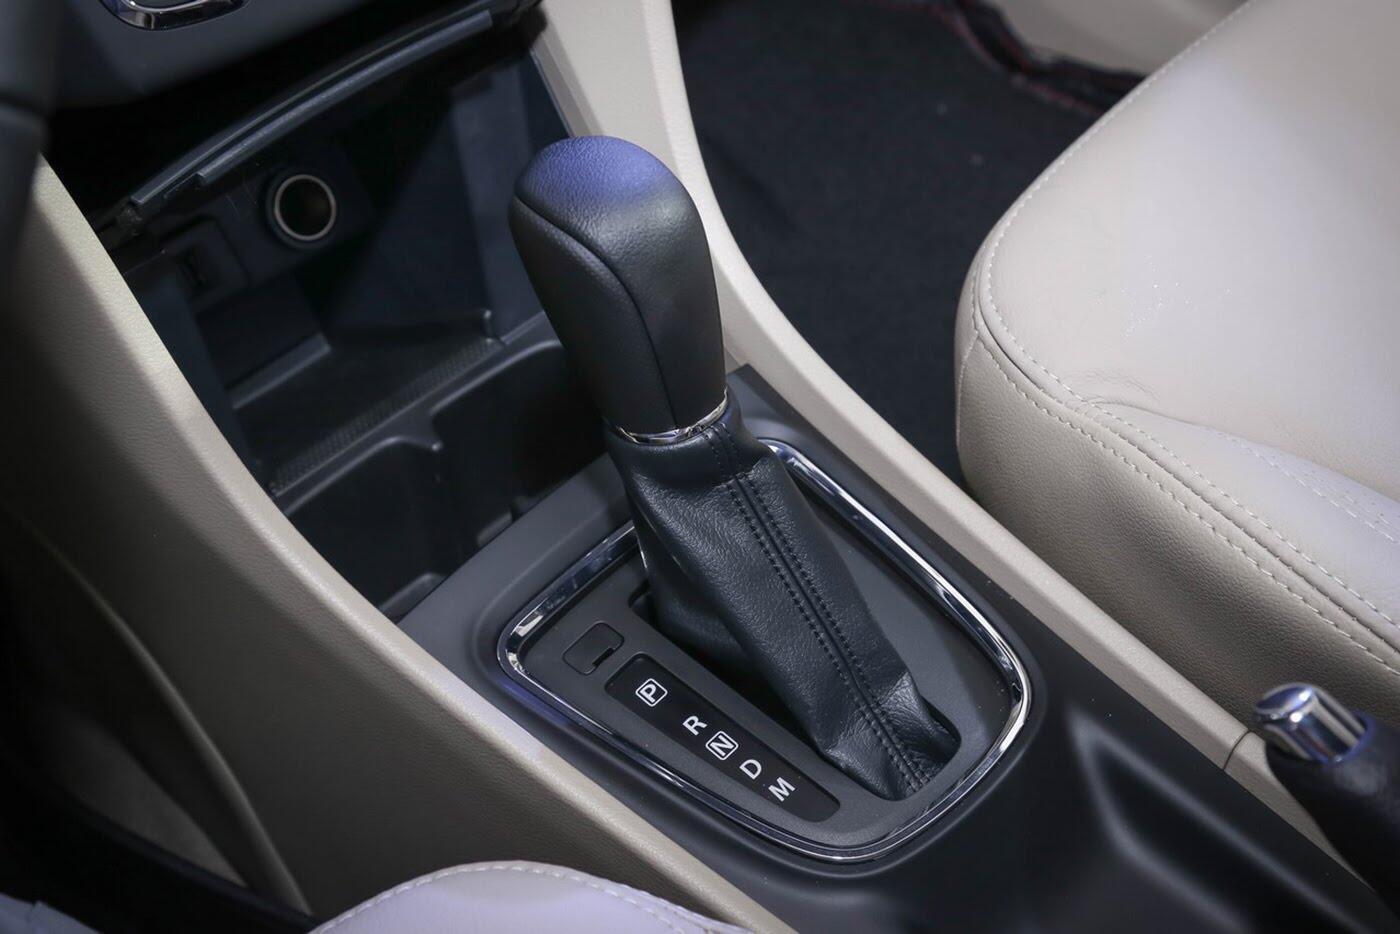 Suzuki Ciaz bản nâng cấp chính thức lộ diện - Hình 9